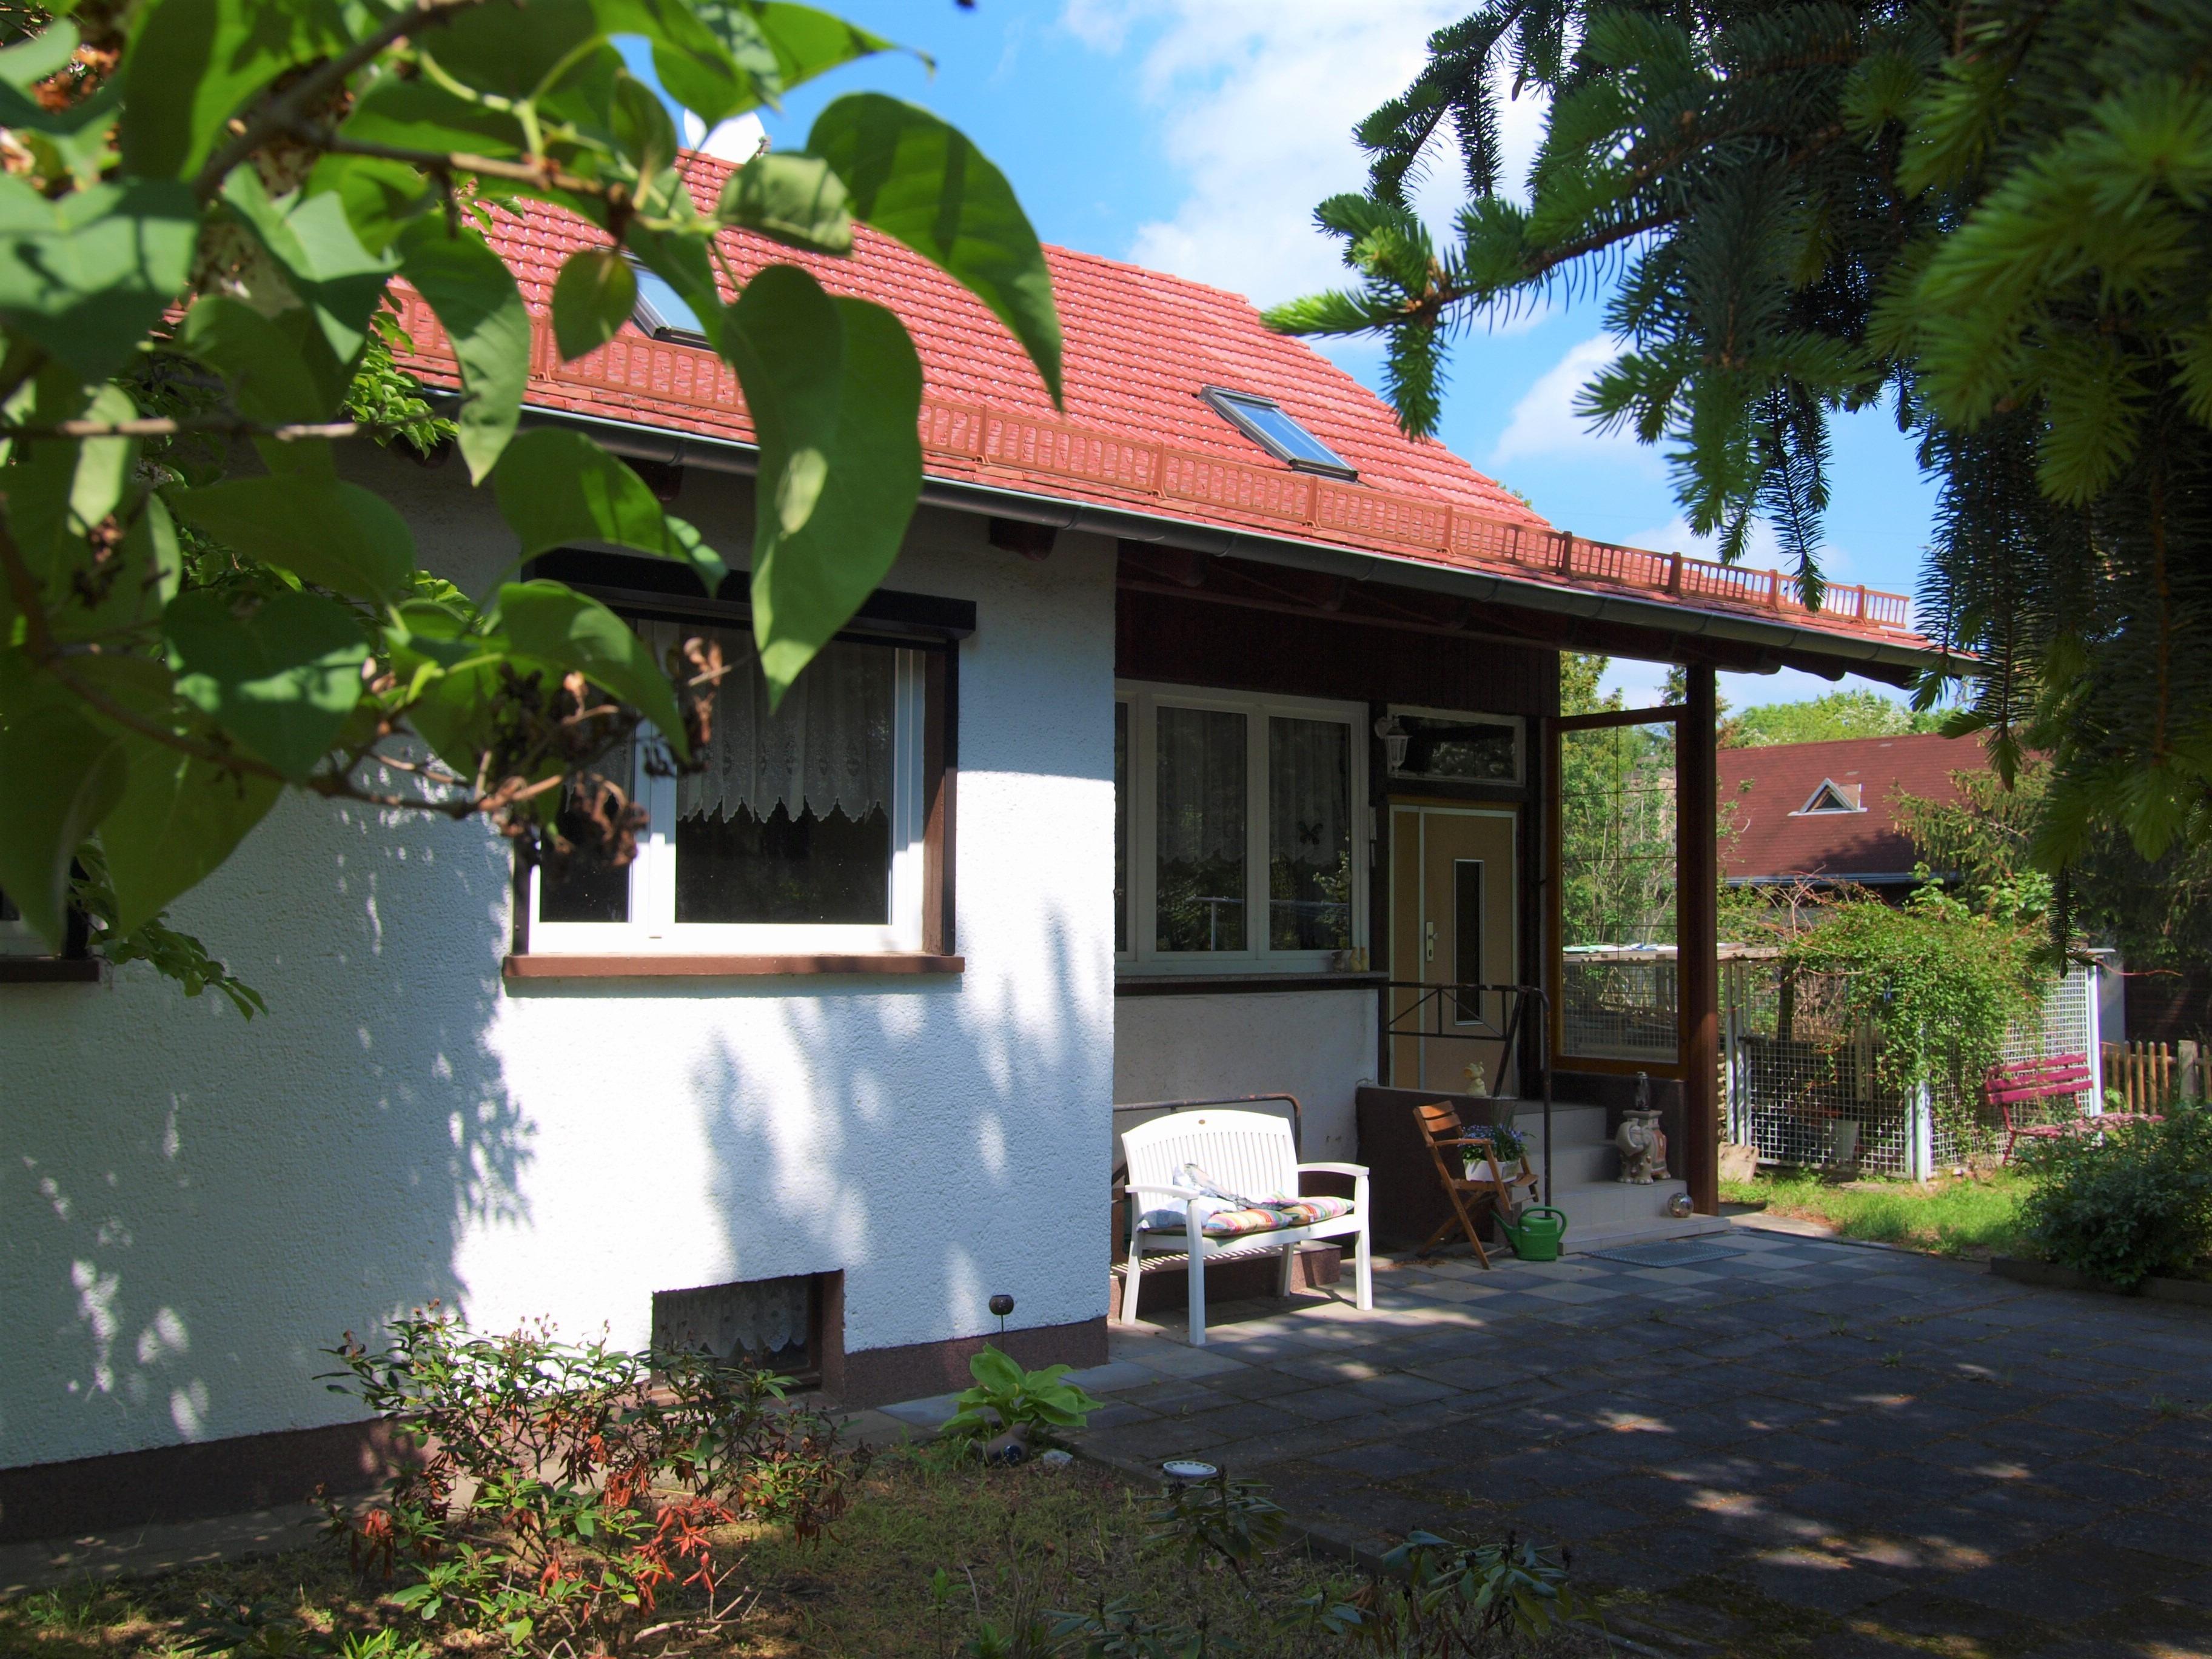 Einfamilienhaus Wörmlitz - Vorderansicht Eingangsbereich